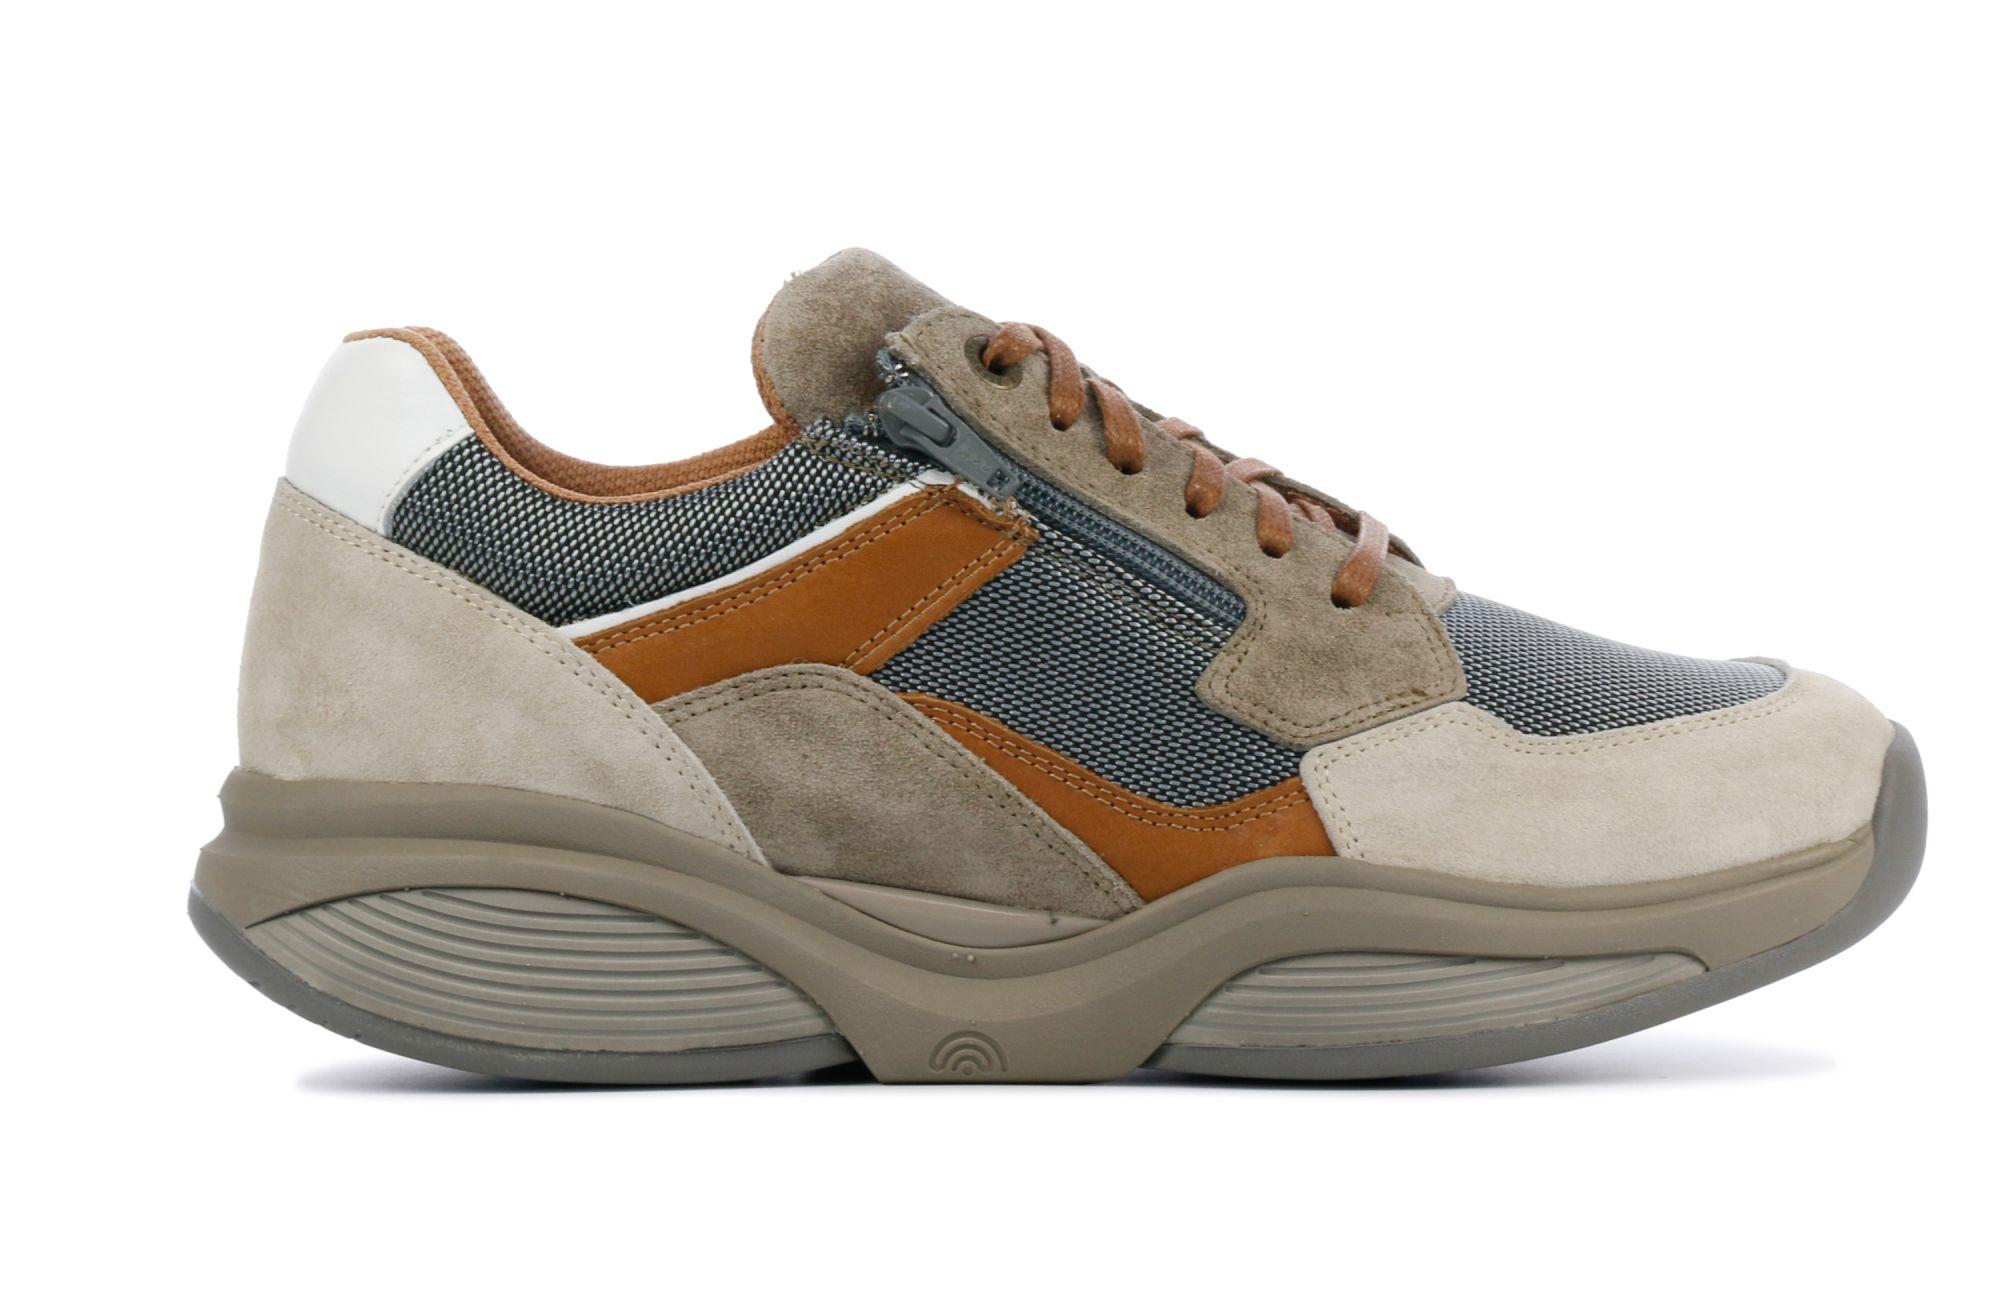 Xsensible Stretchwalker Heren Leren SneakersSneakers